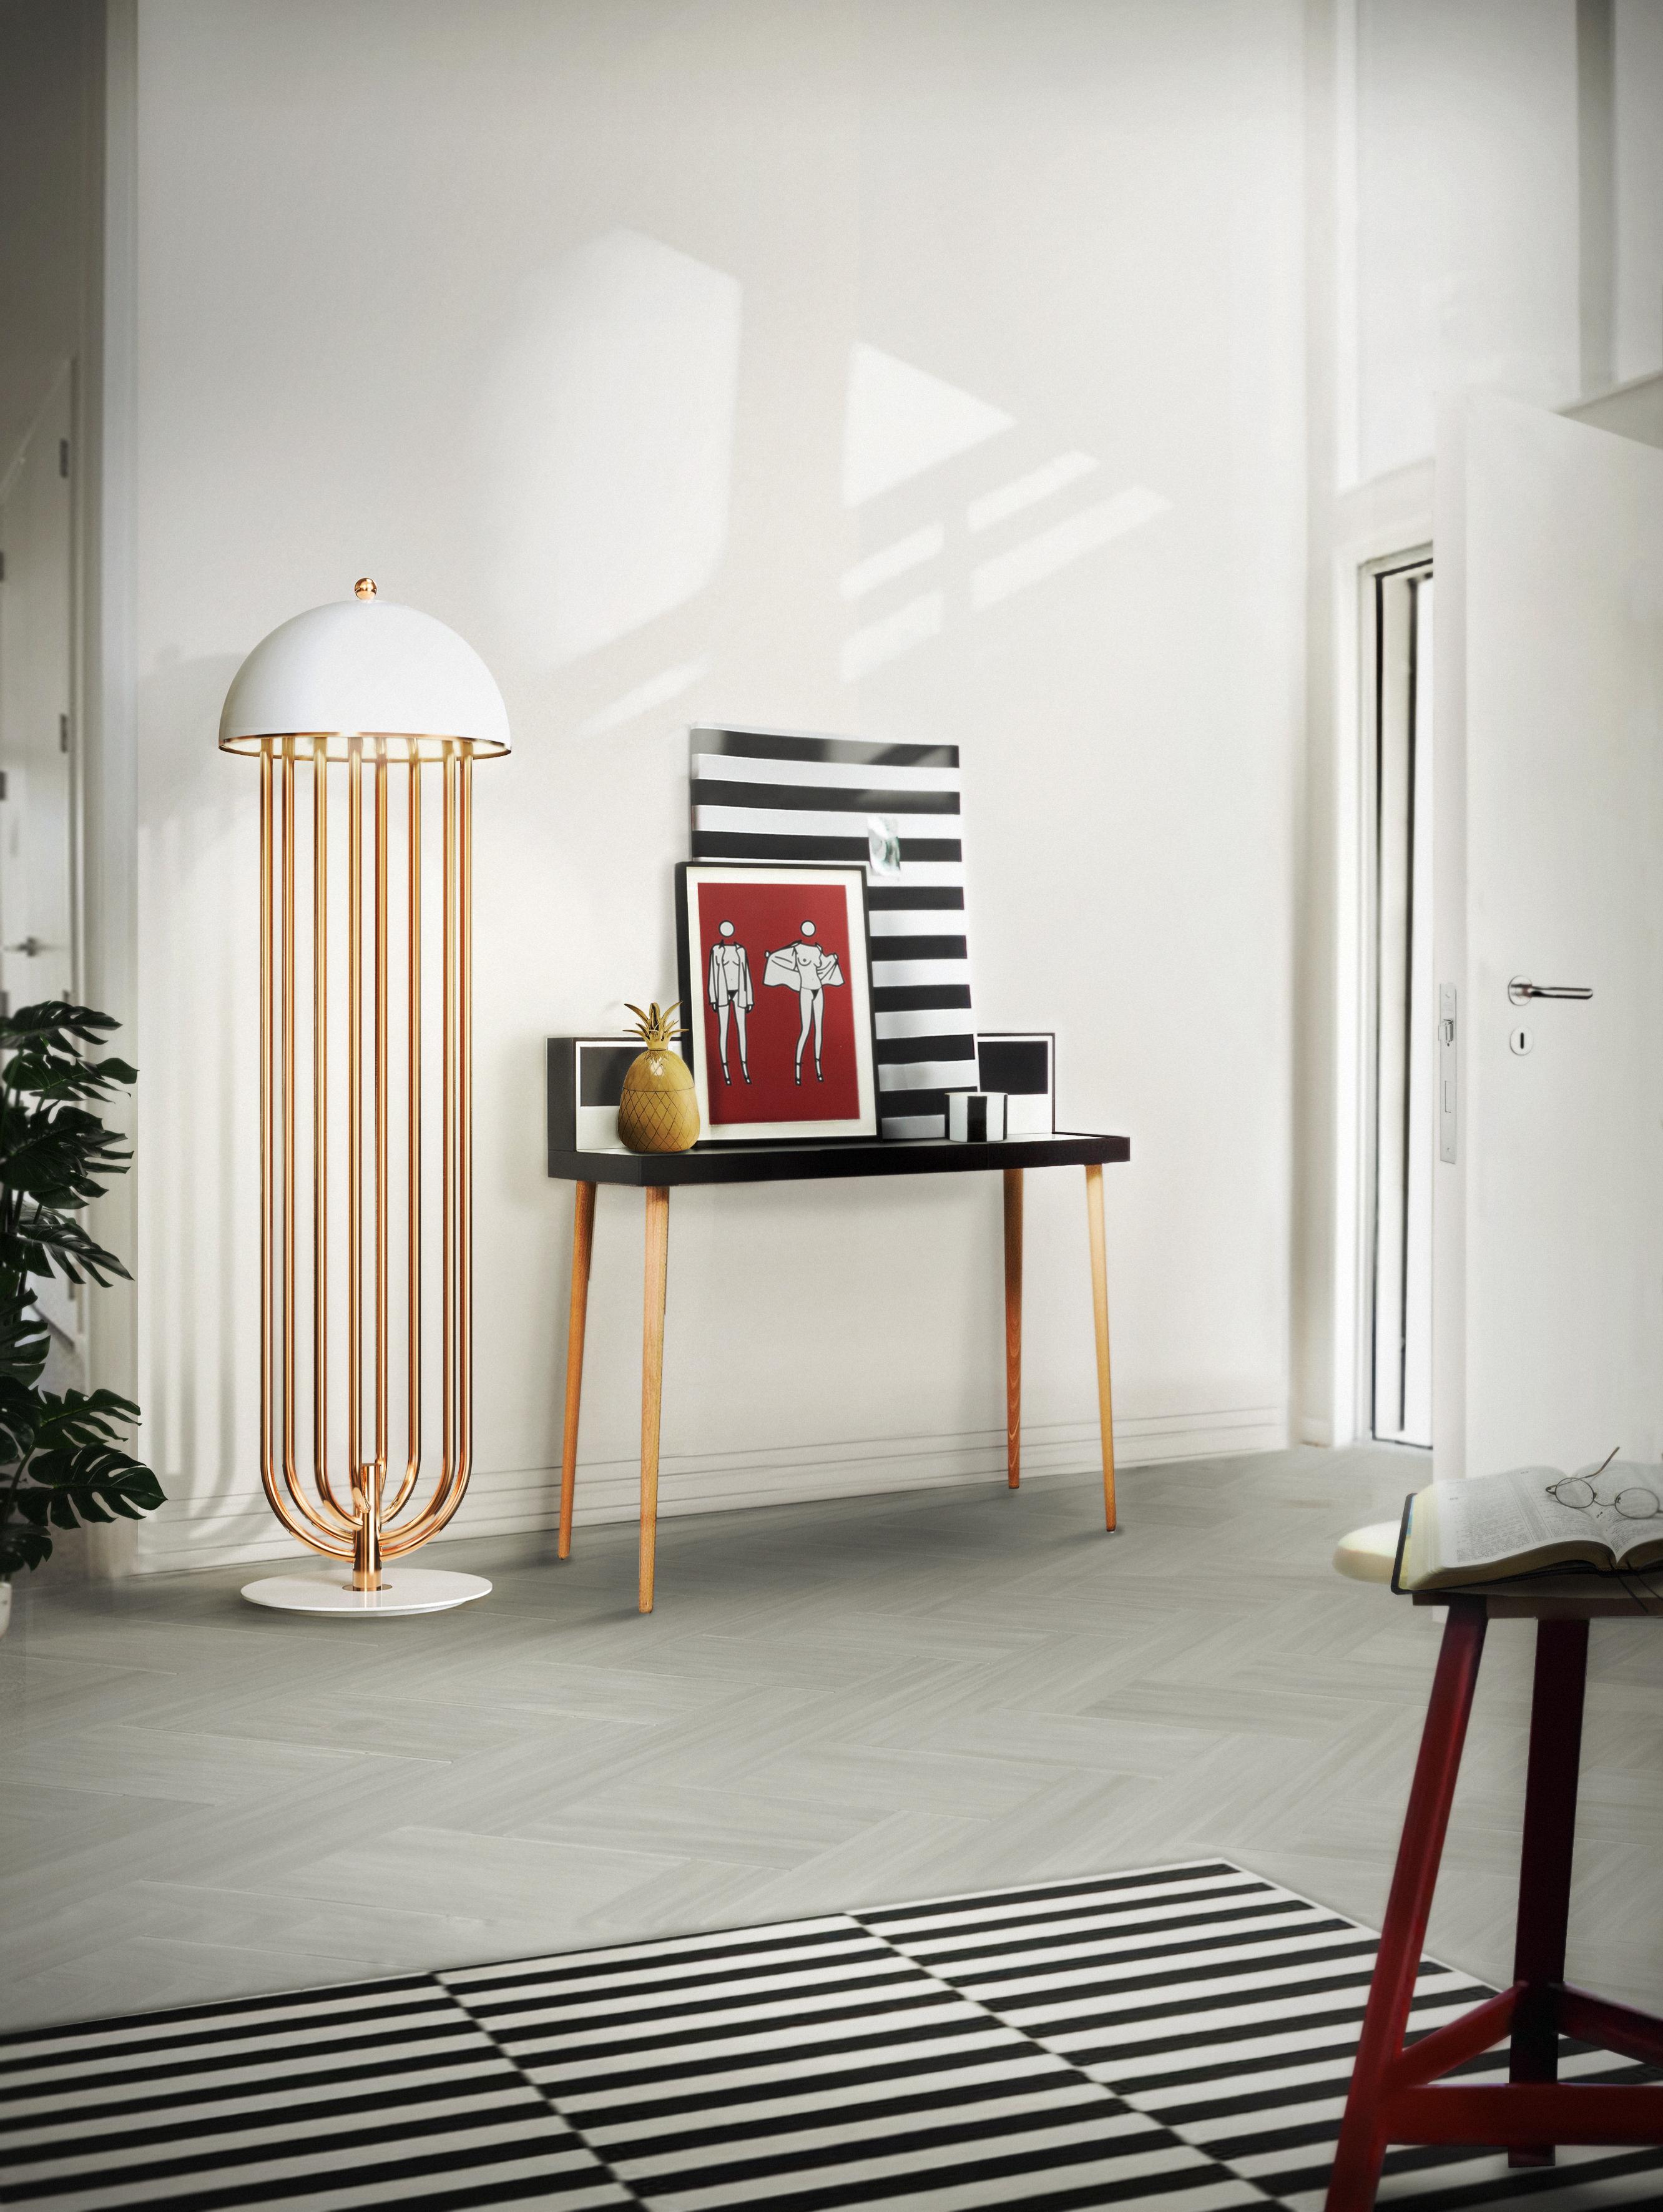 лучшие советы  Как превратить помещение в дом: лучшие советы delightfull turner art deco floor hotel lounge corner lamp 01